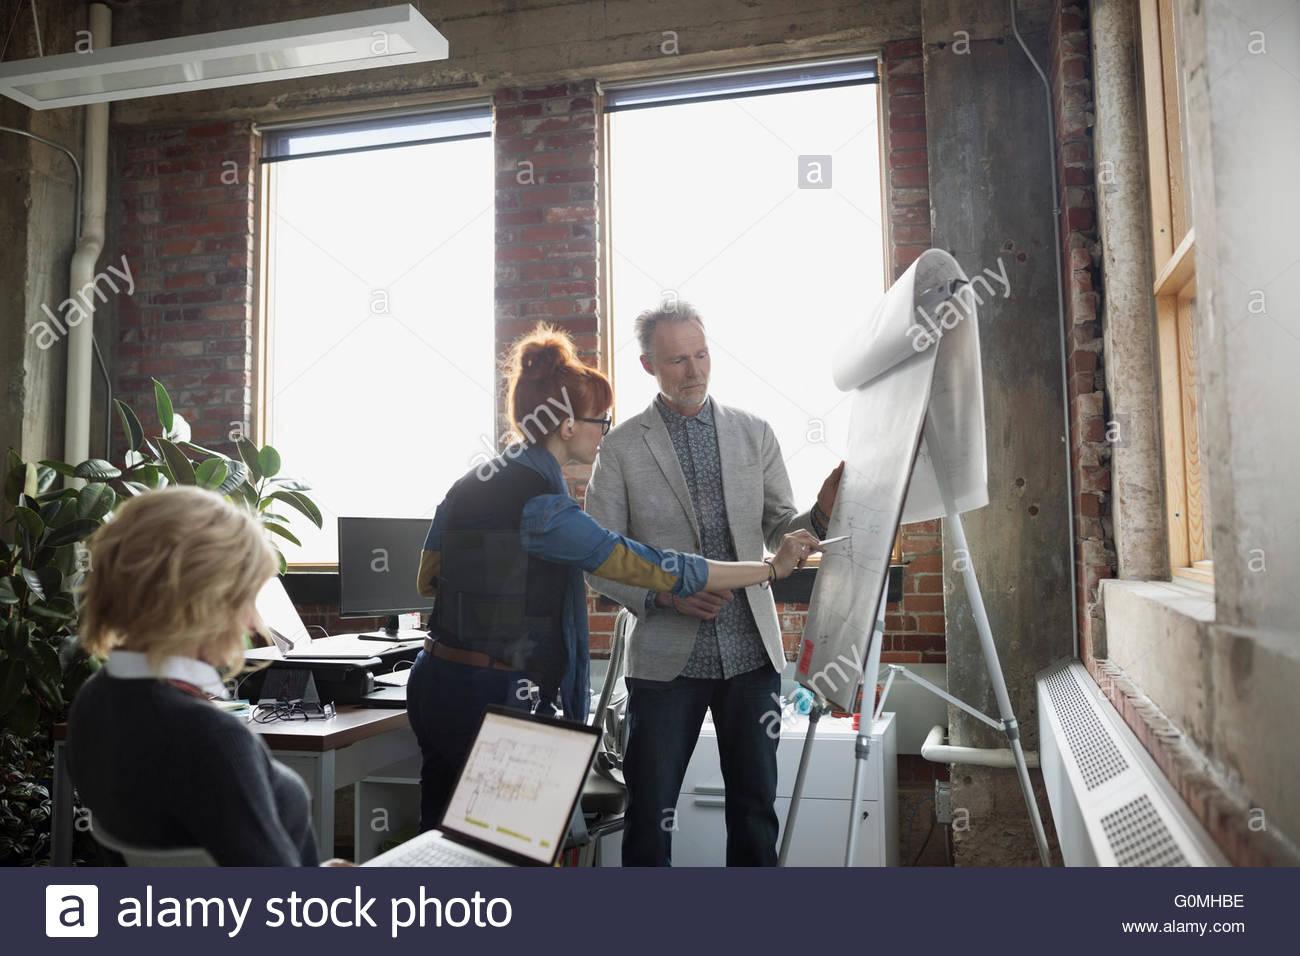 La gente di affari il brainstorming alla lavagna a fogli mobili in office Immagini Stock